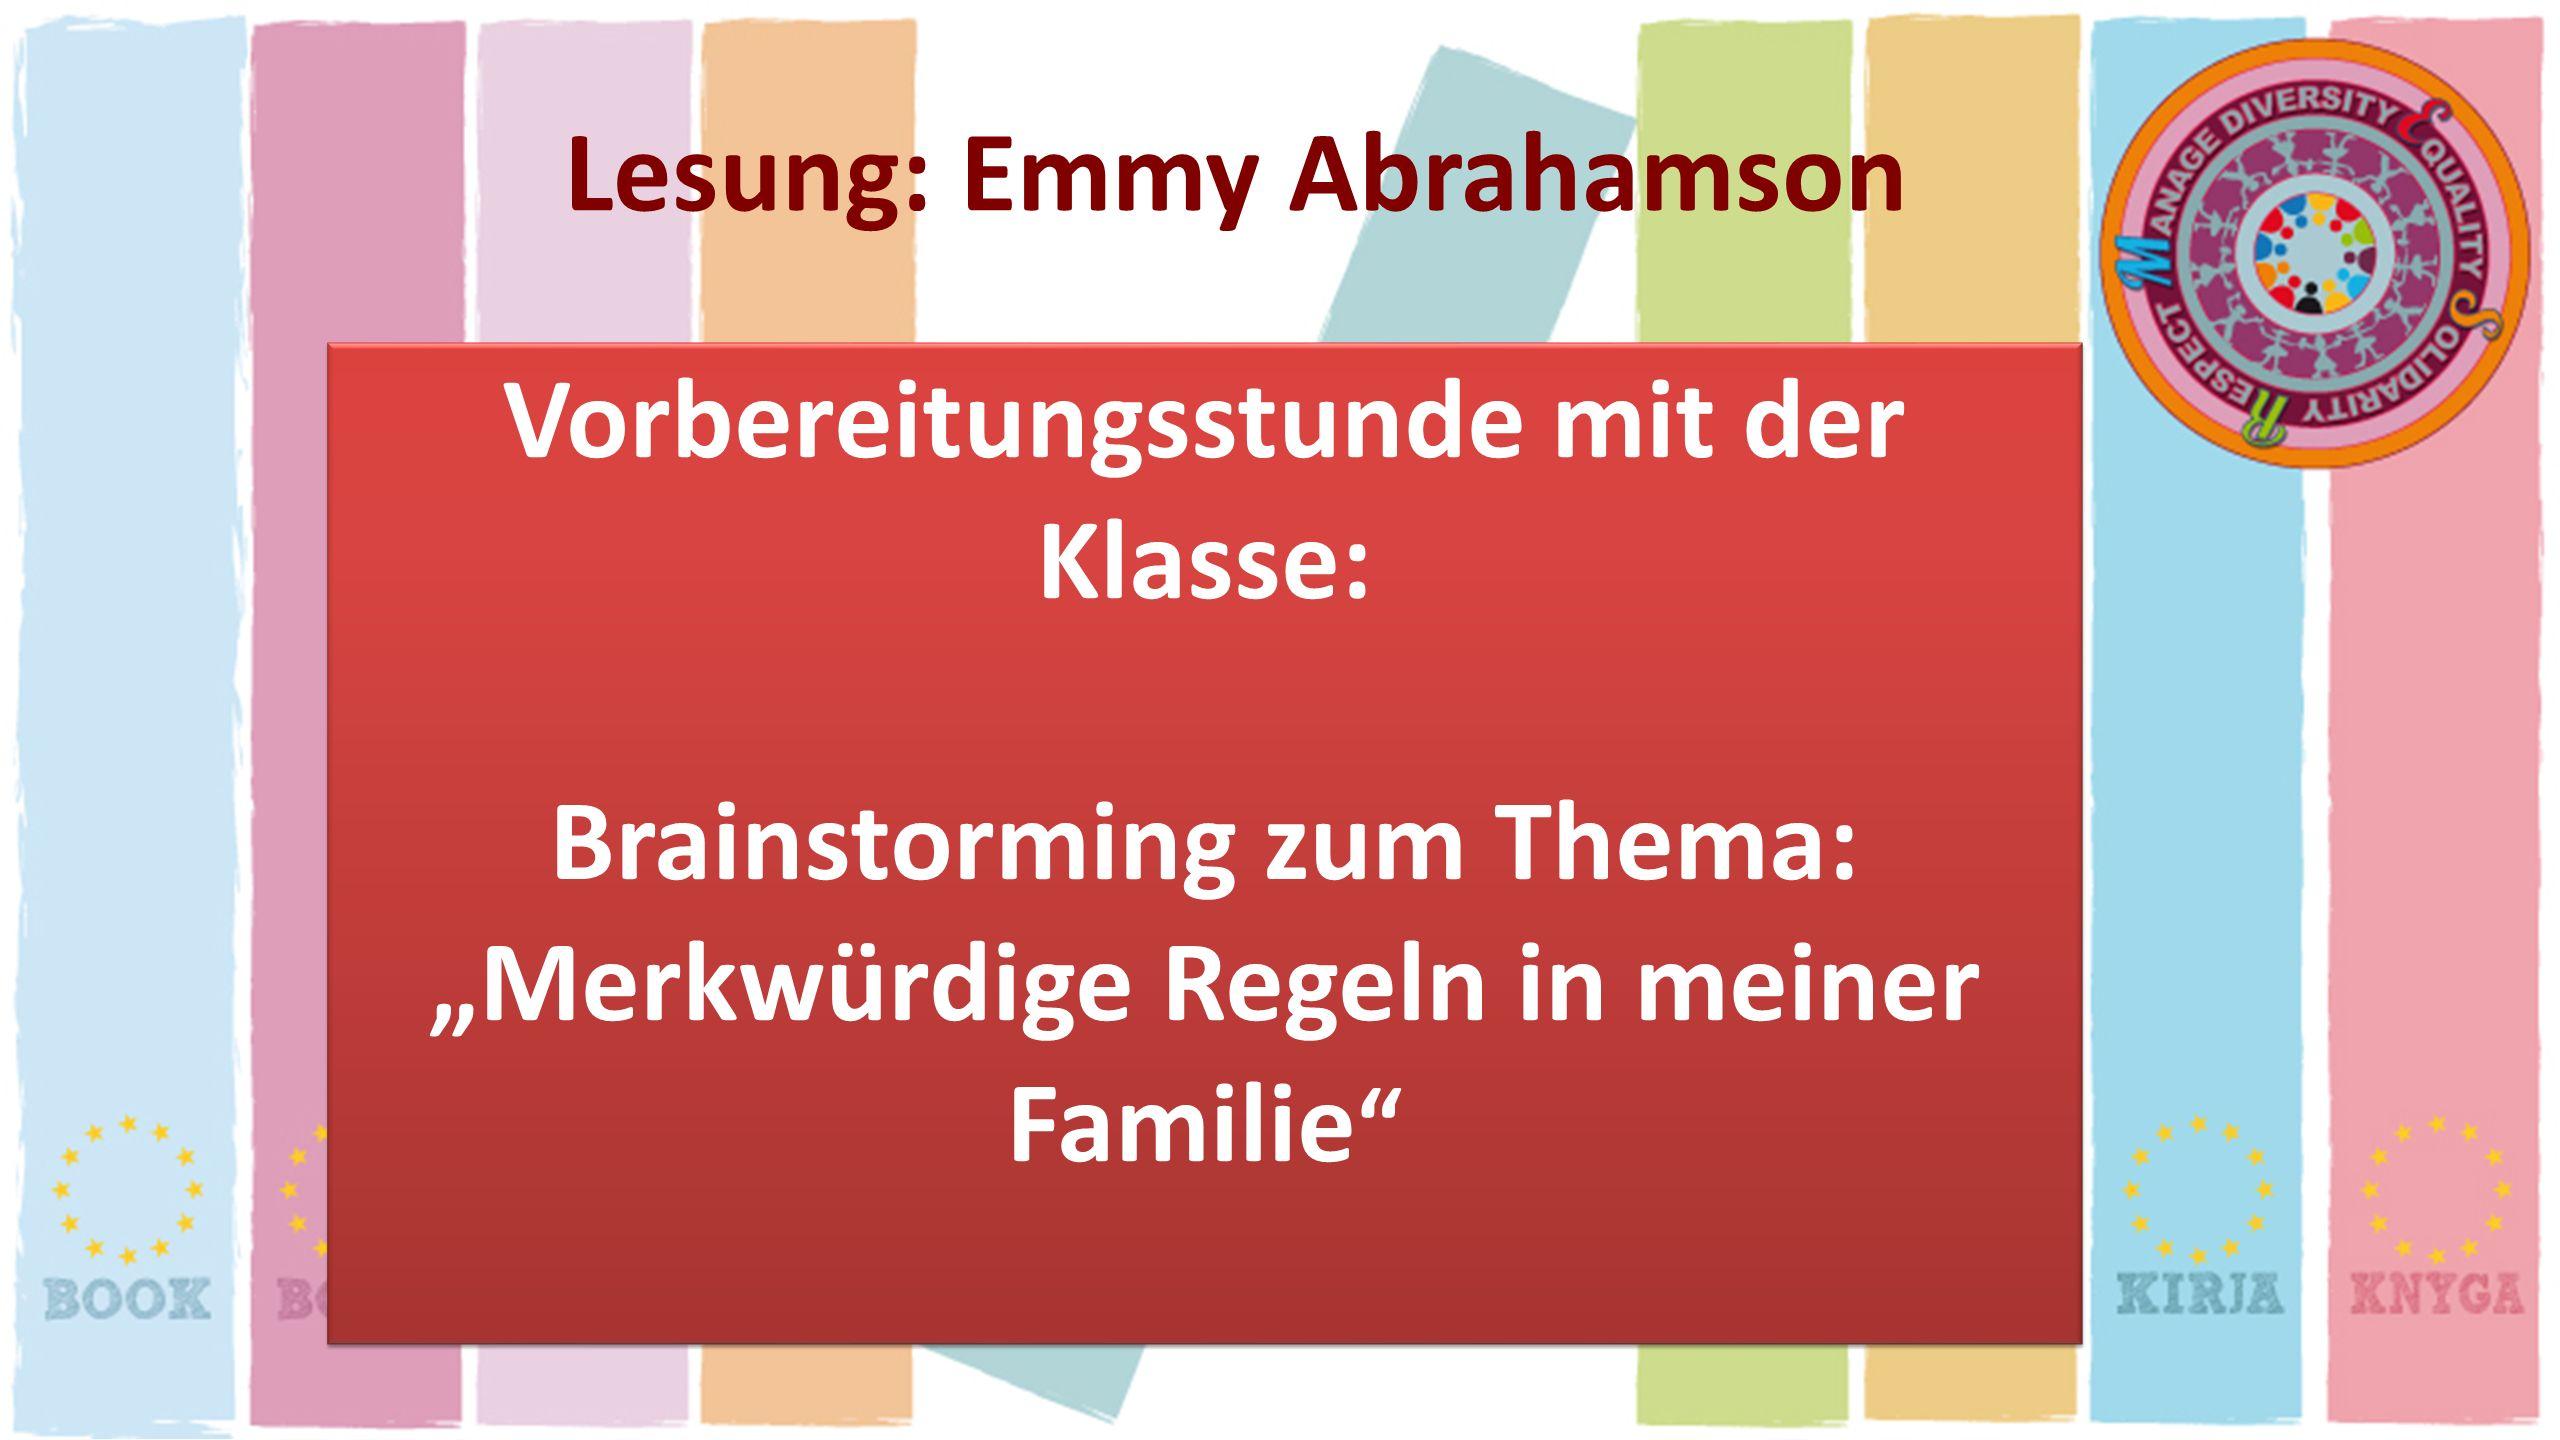 Lesung: Emmy Abrahamson Vorbereitungsstunde mit der Klasse: Brainstorming zum Thema: Merkwürdige Regeln in meiner Familie Vorbereitungsstunde mit der